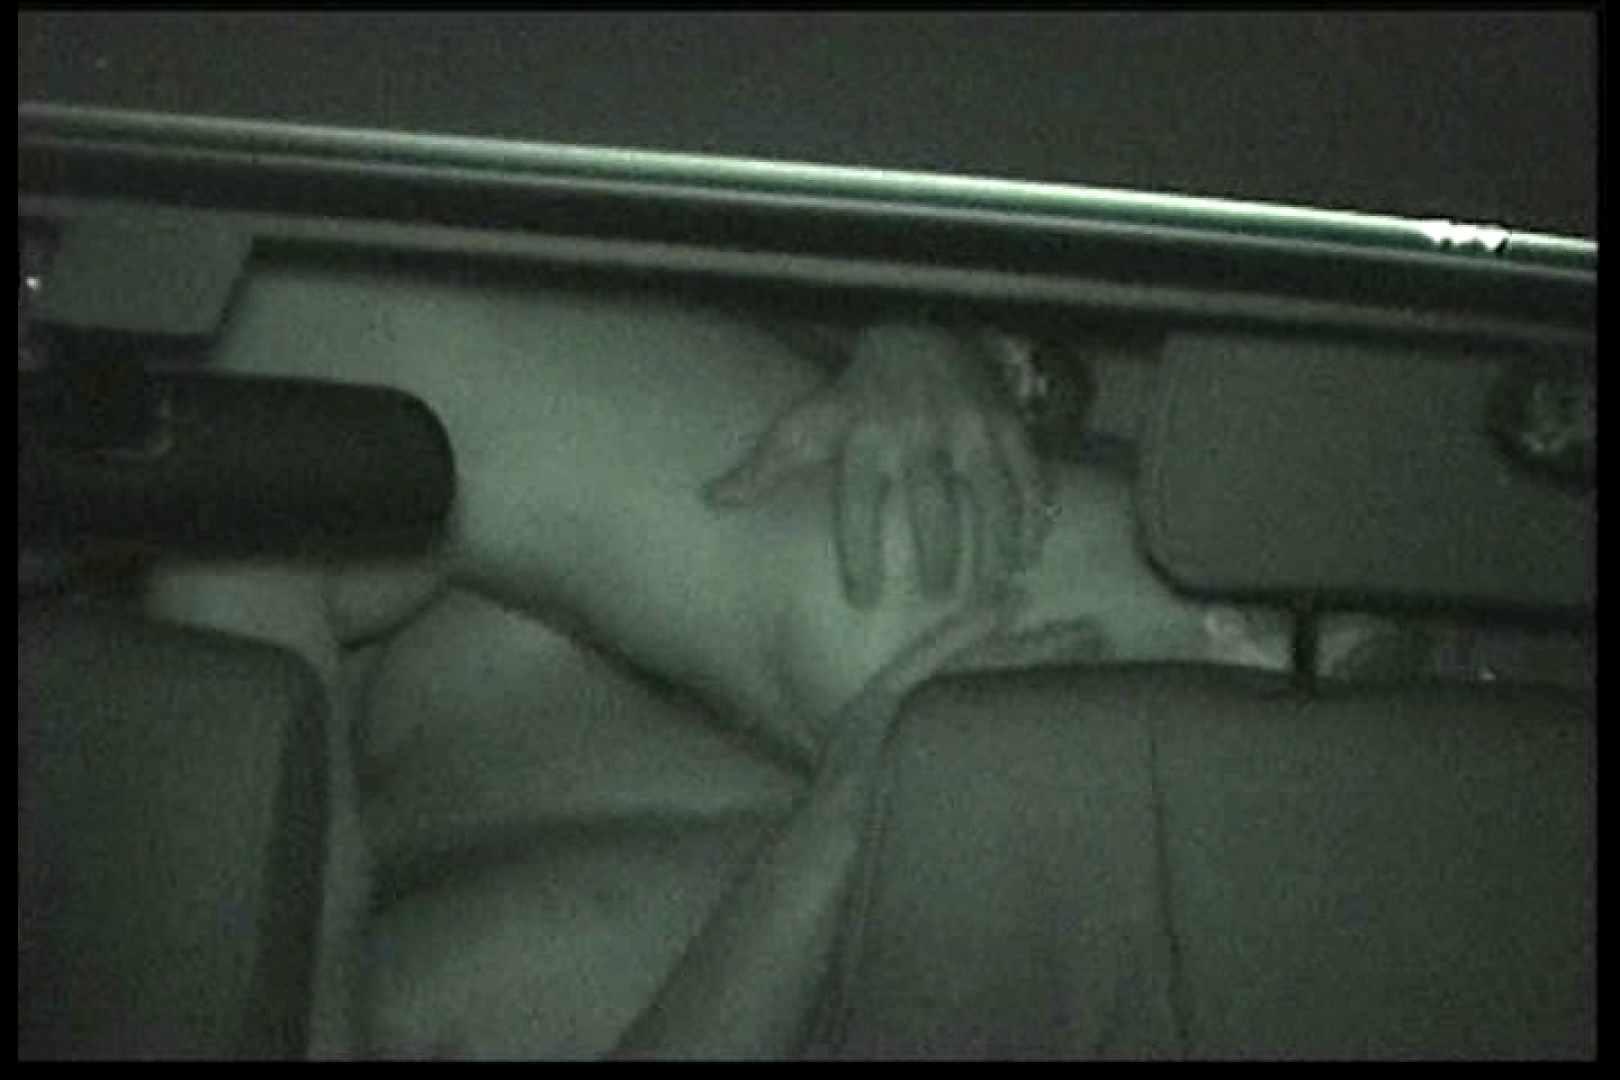 車の中はラブホテル 無修正版  Vol.14 OLセックス 盗撮オメコ無修正動画無料 100画像 56